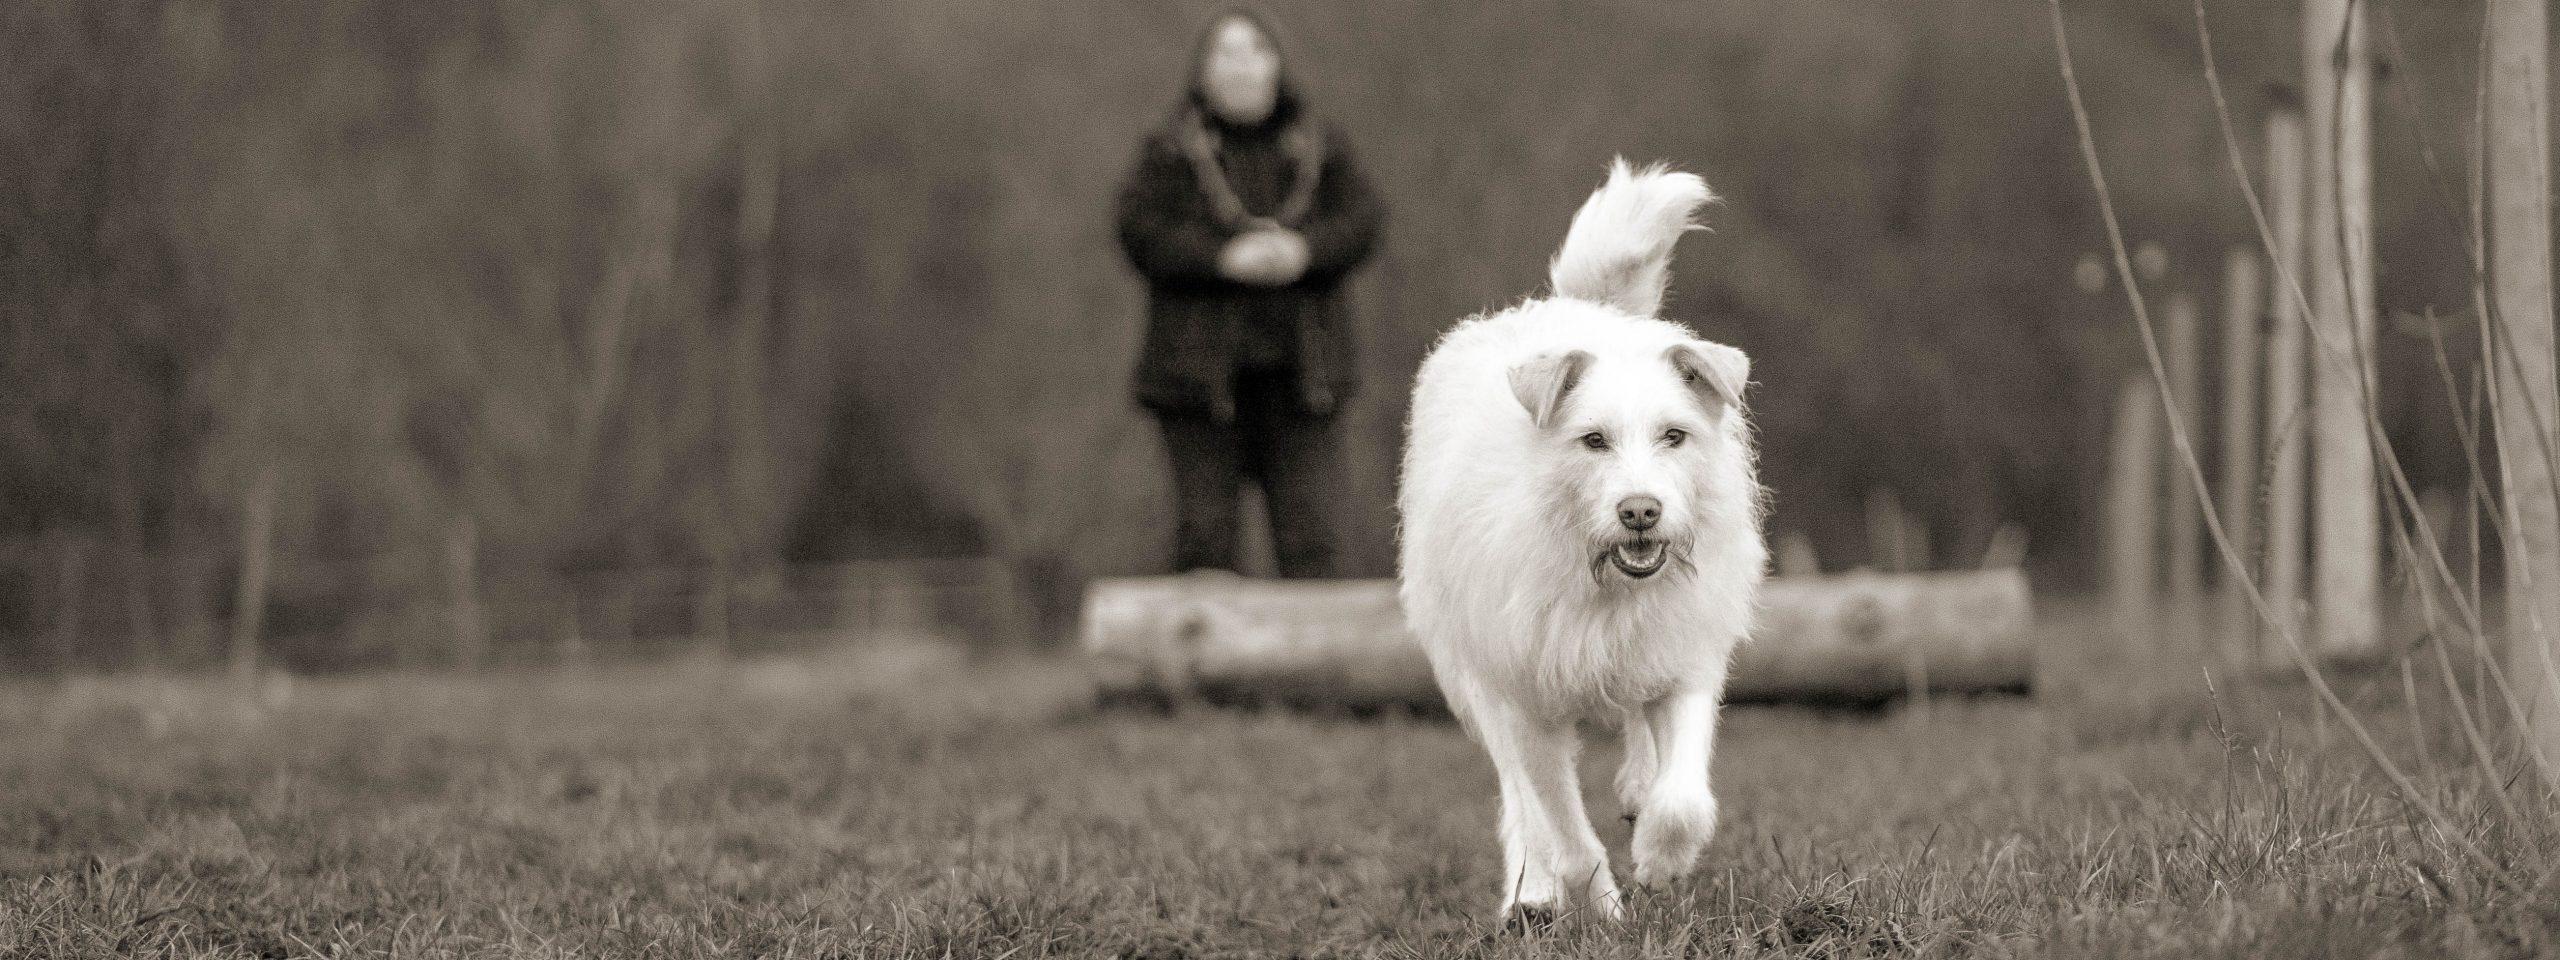 weißer Hund rennt, Mensch im Hintergrund